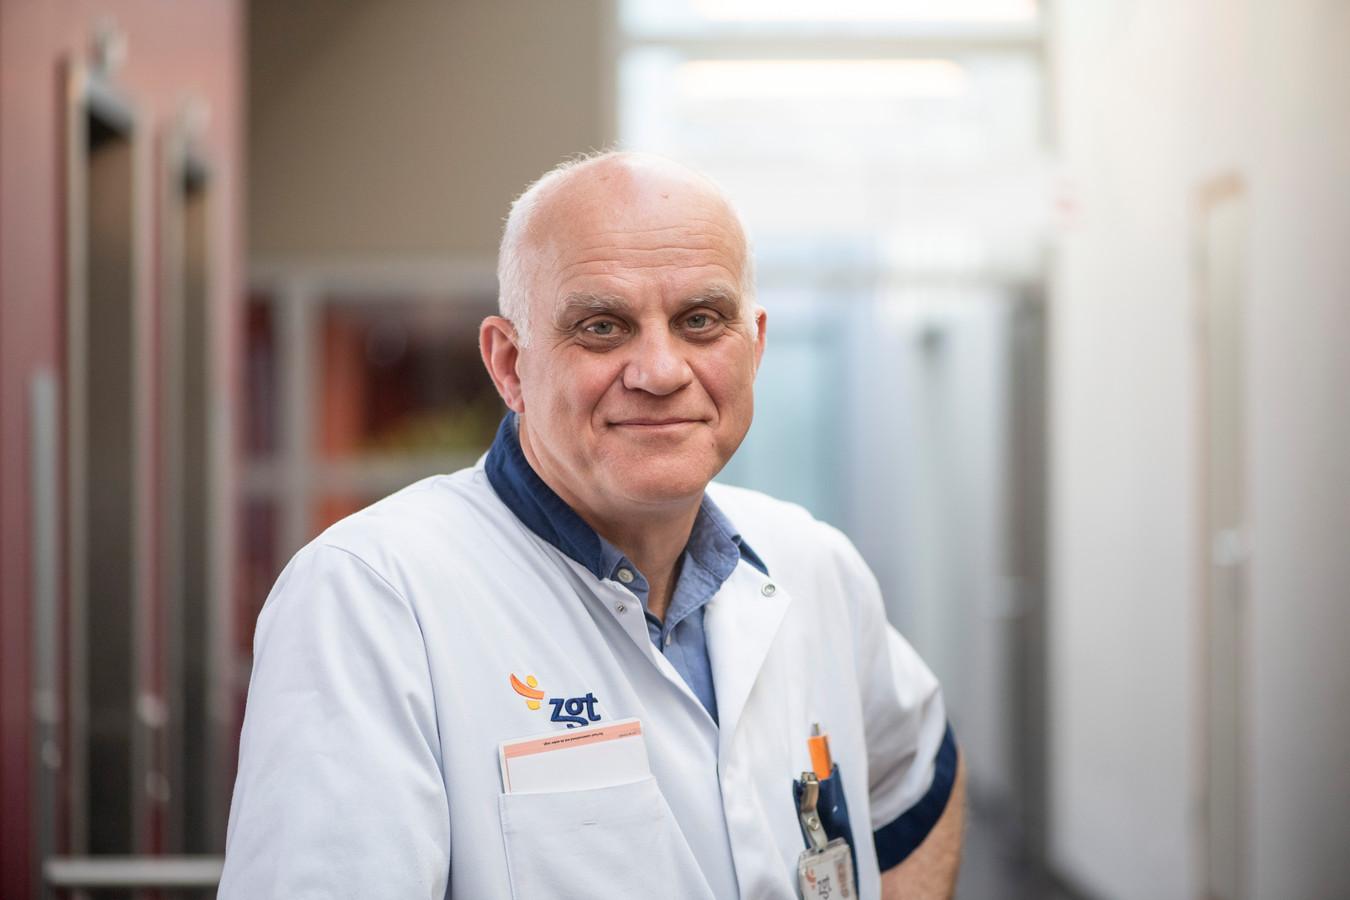 Dokter Cees Haagsma  werkt even niet als reumatoloog binnen ZGT, maar regelt dat collega-artsen worden ingeschakeld voor de coronazorg.